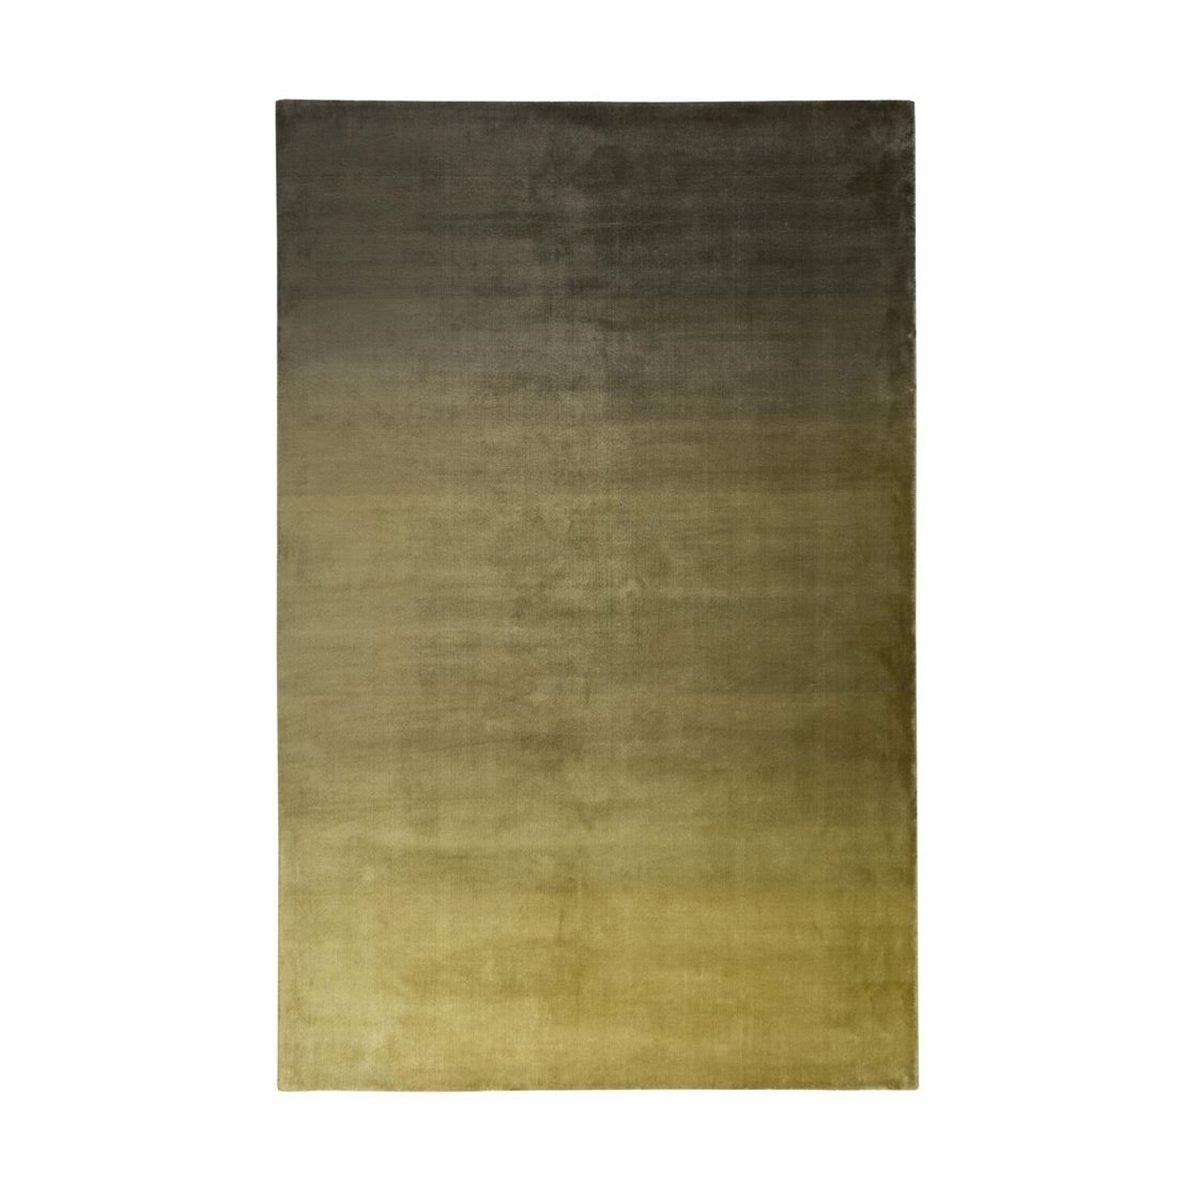 Vloerkleed met groene kleurovergang, Eberson moss van Designers Guild